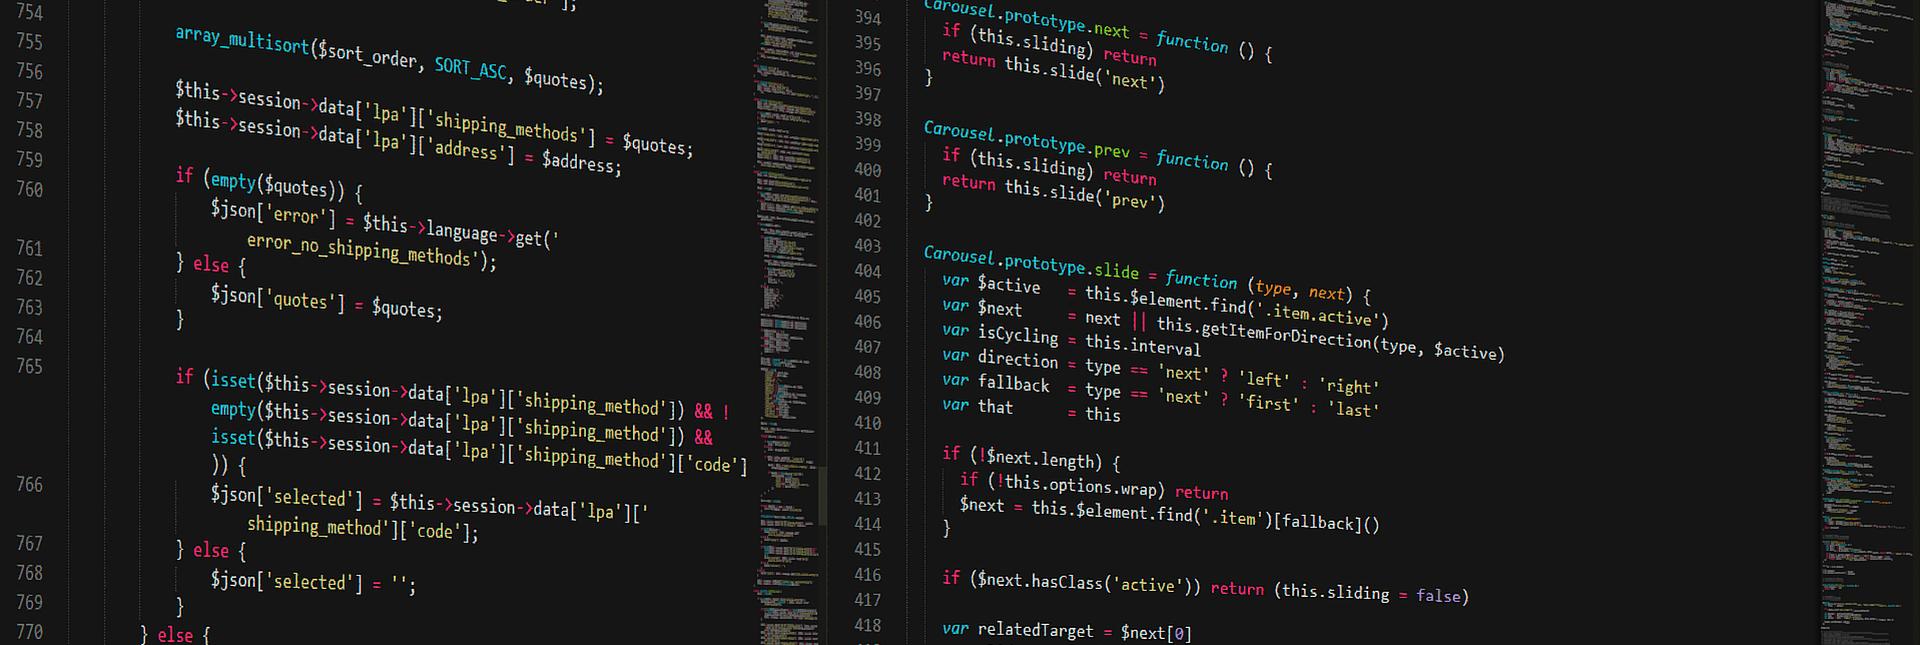 Una pantalla de ordenador con código de programación